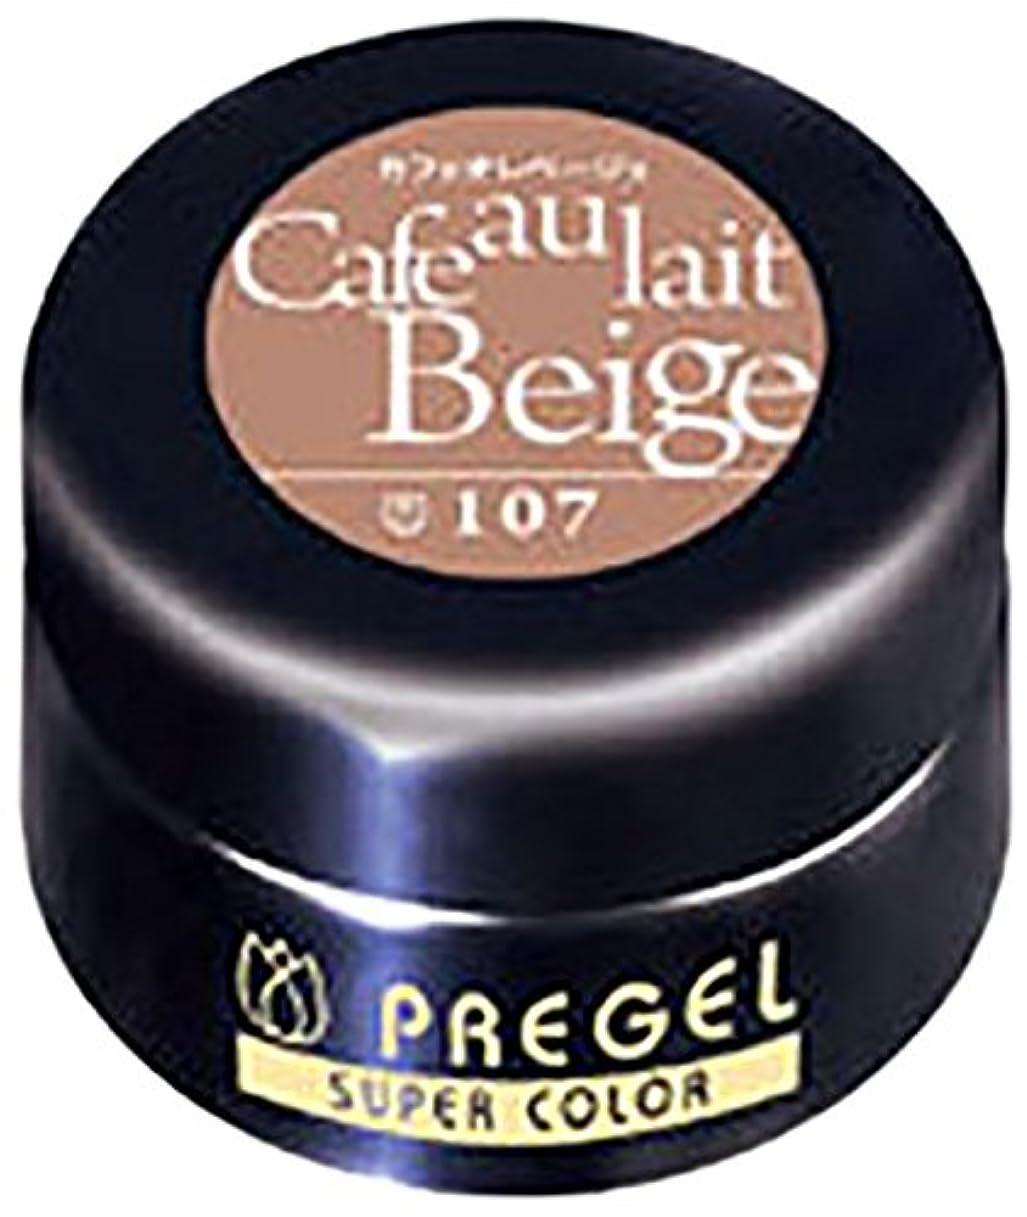 散髪イヤホンビリーヤギプリジェル ジェルネイル スーパーカラーEX カフェオレベージュ 4g PG-SE107 UV/LED対応